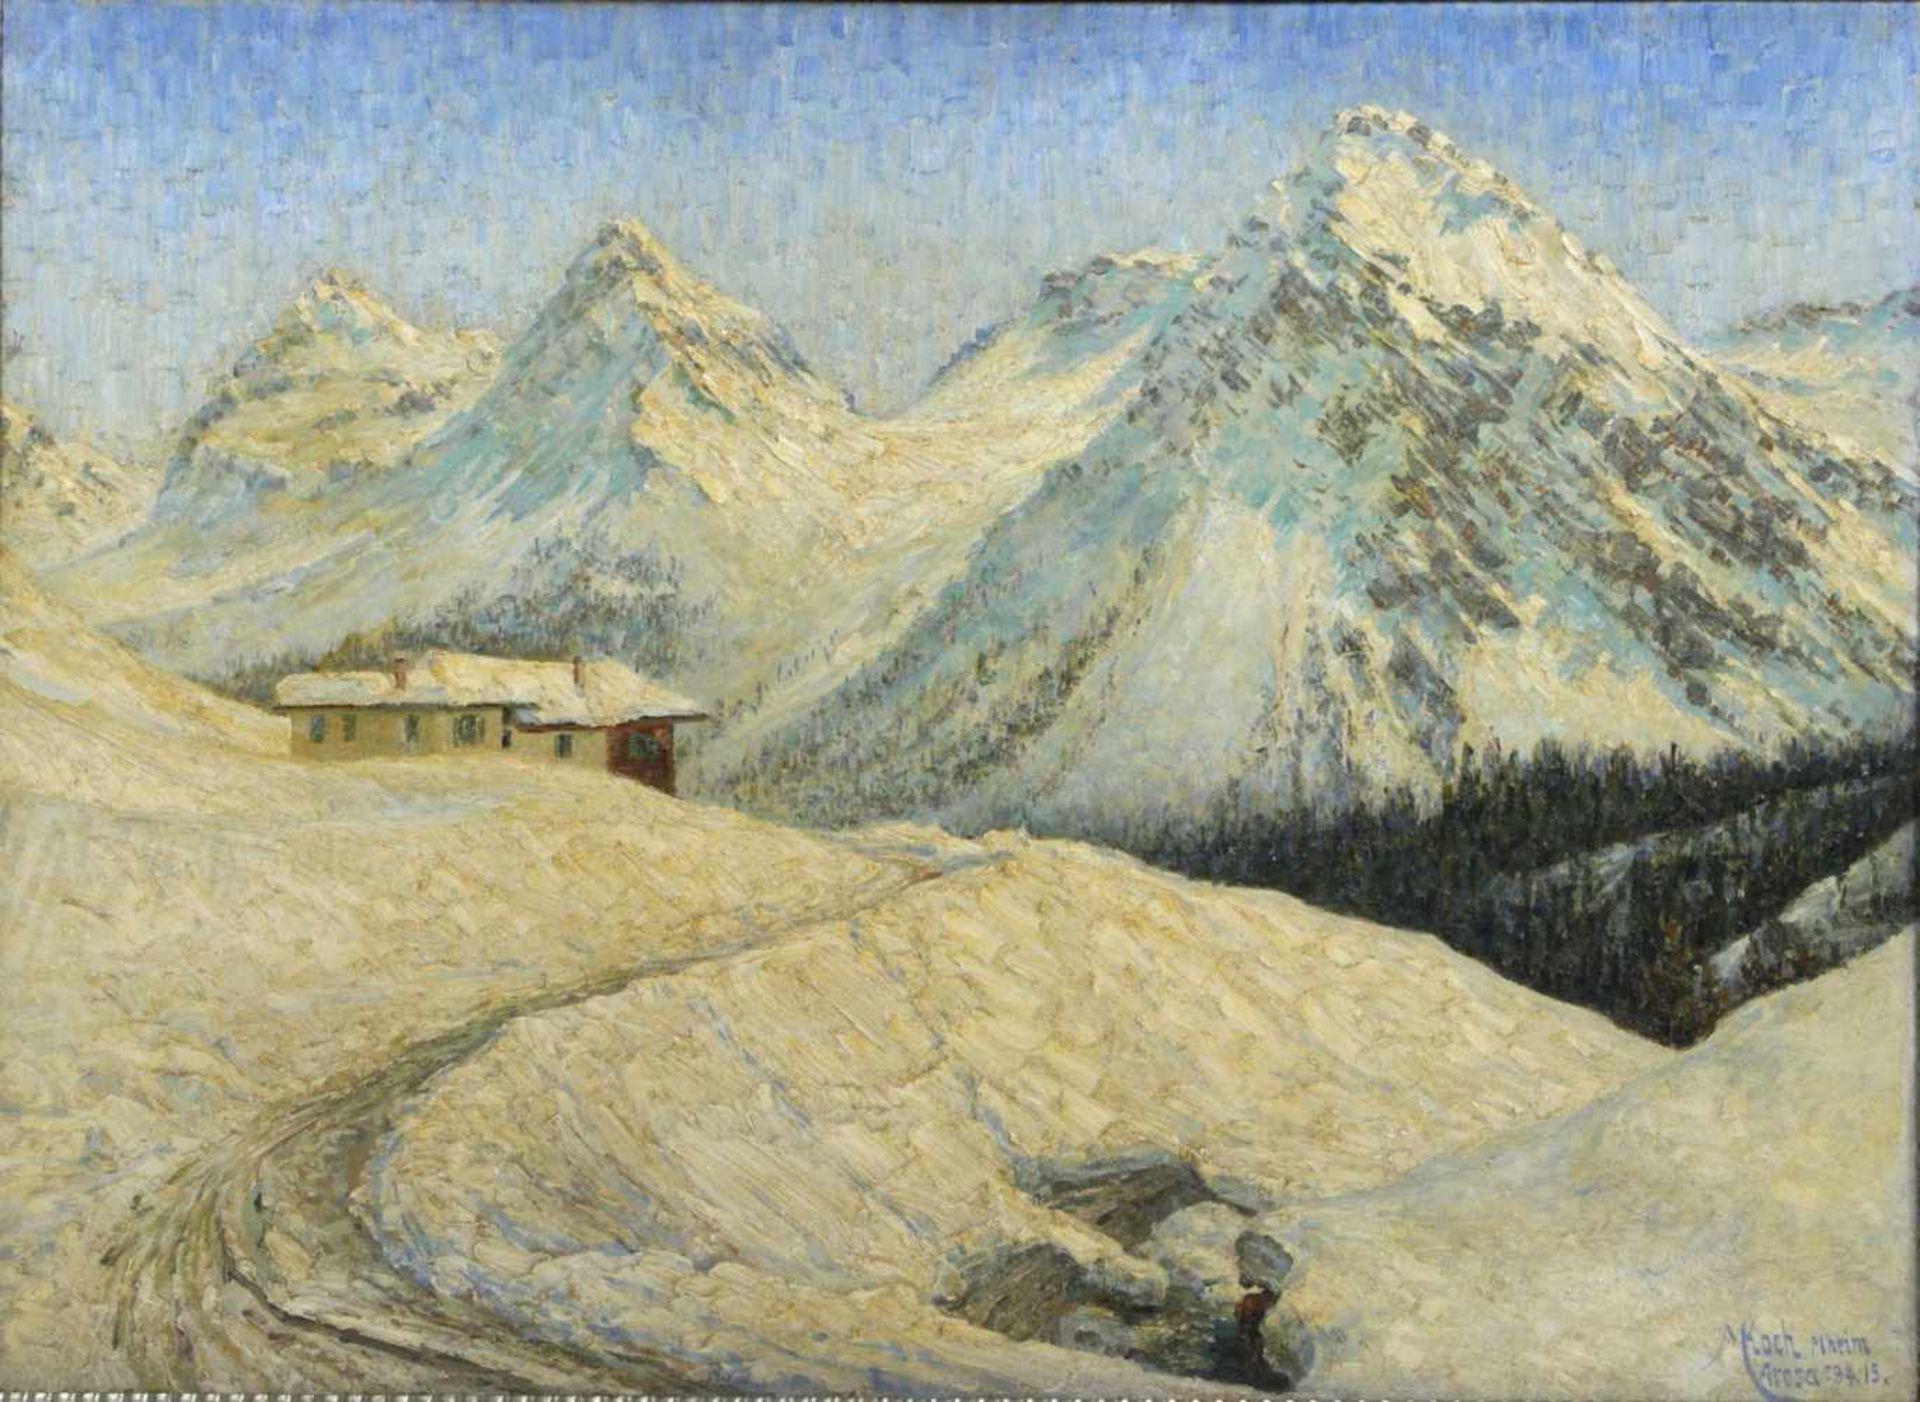 Koch, Michel (1853-1927) - Winterlandschaft Arosa 1915Winterliche Gebirgslandschaft mit idyllisch - Bild 2 aus 6